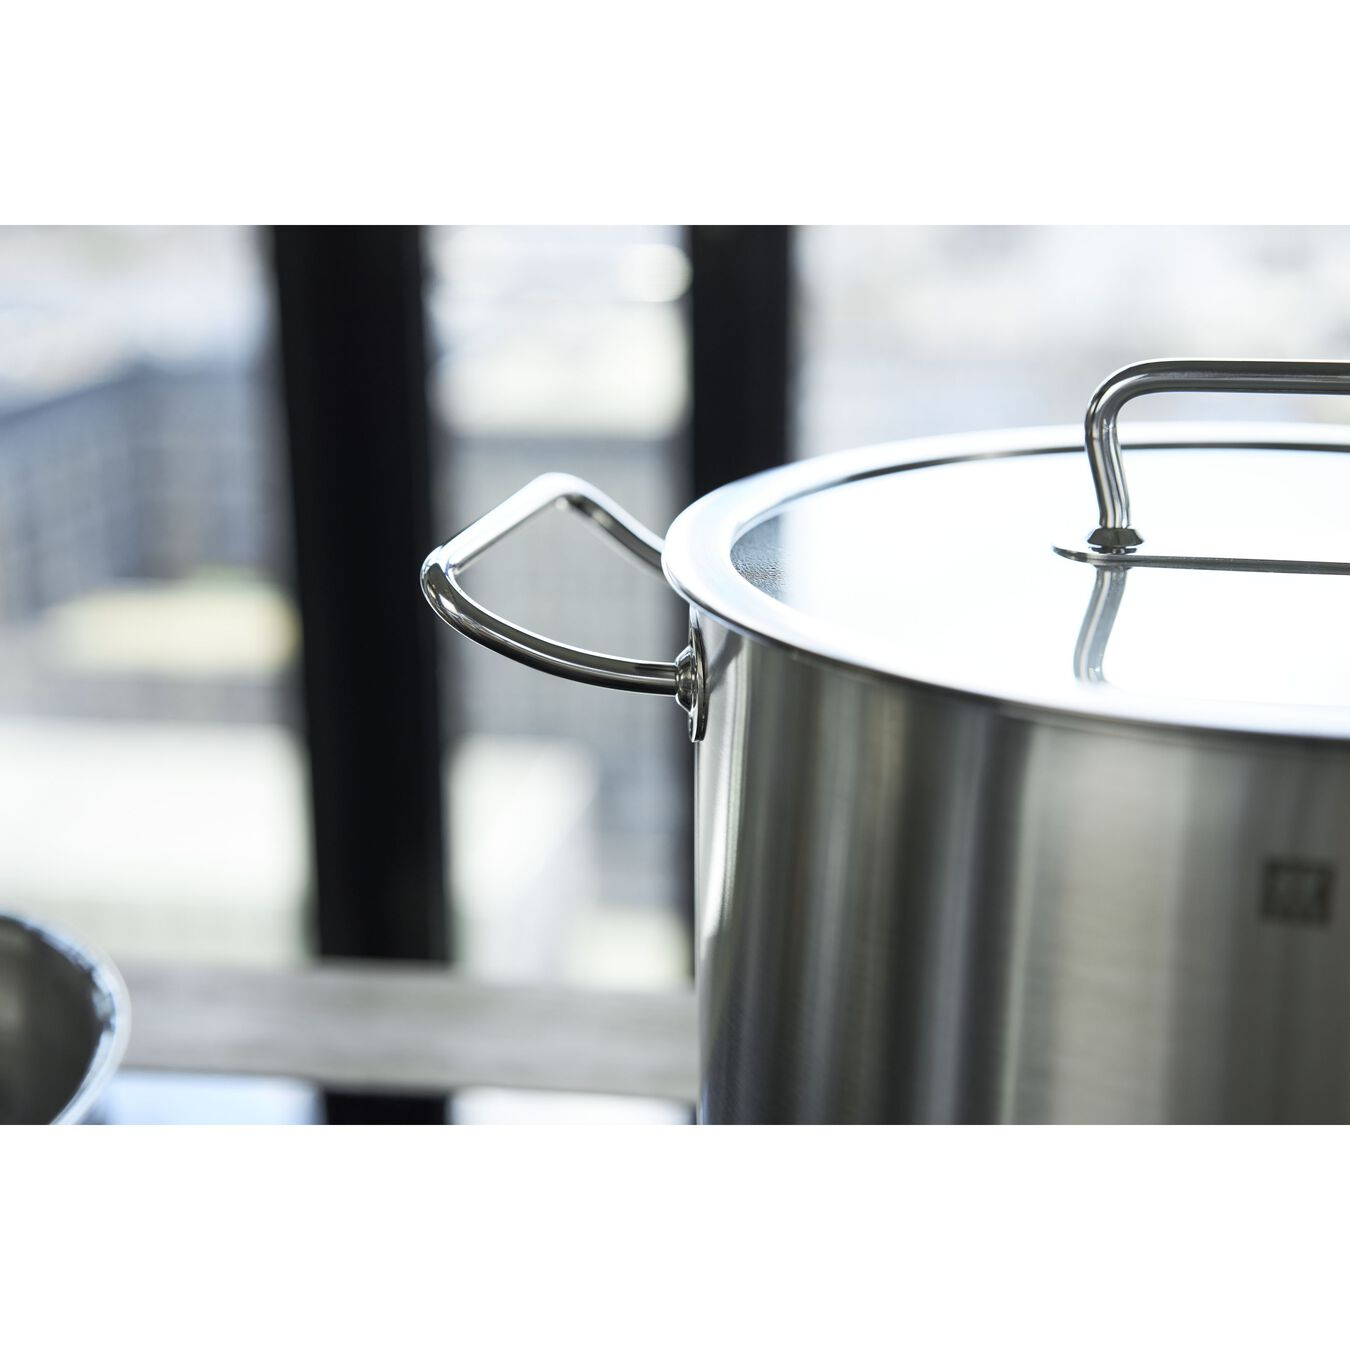 Suppegryde Højsidet 24 cm, 18/10 rustfrit stål,,large 10